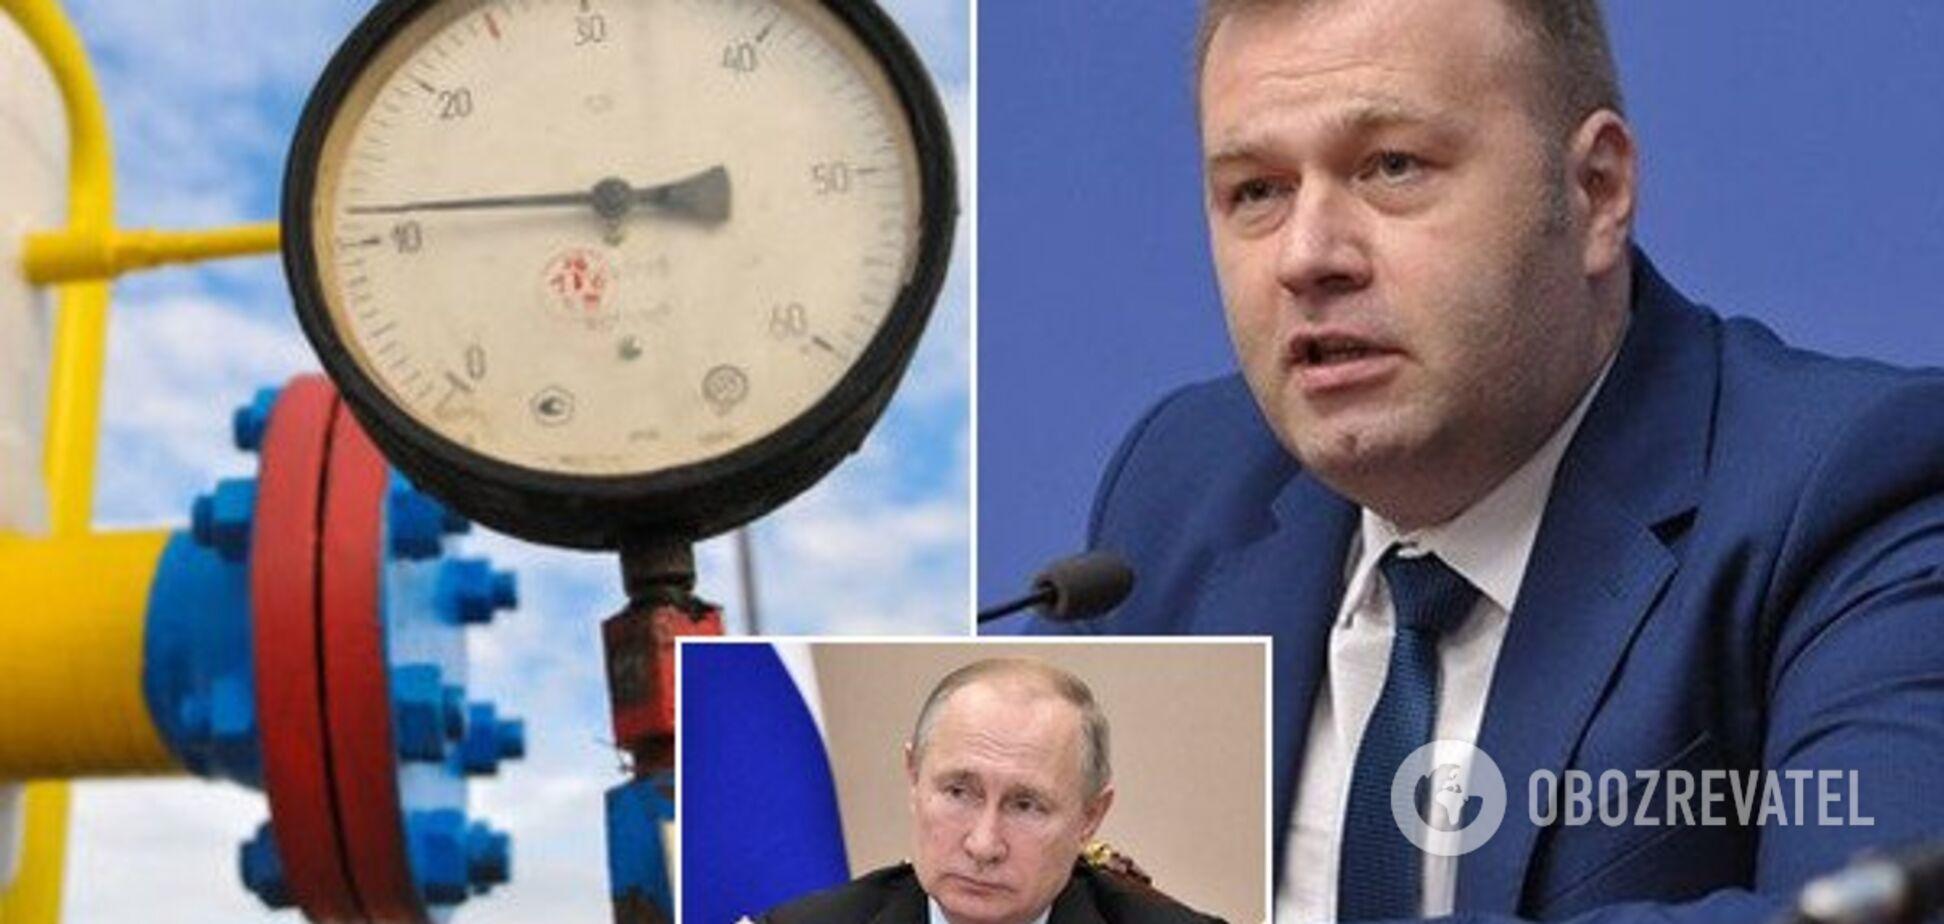 Росія заплатить борг: Україна озвучила жорстку умову щодо транзиту газу